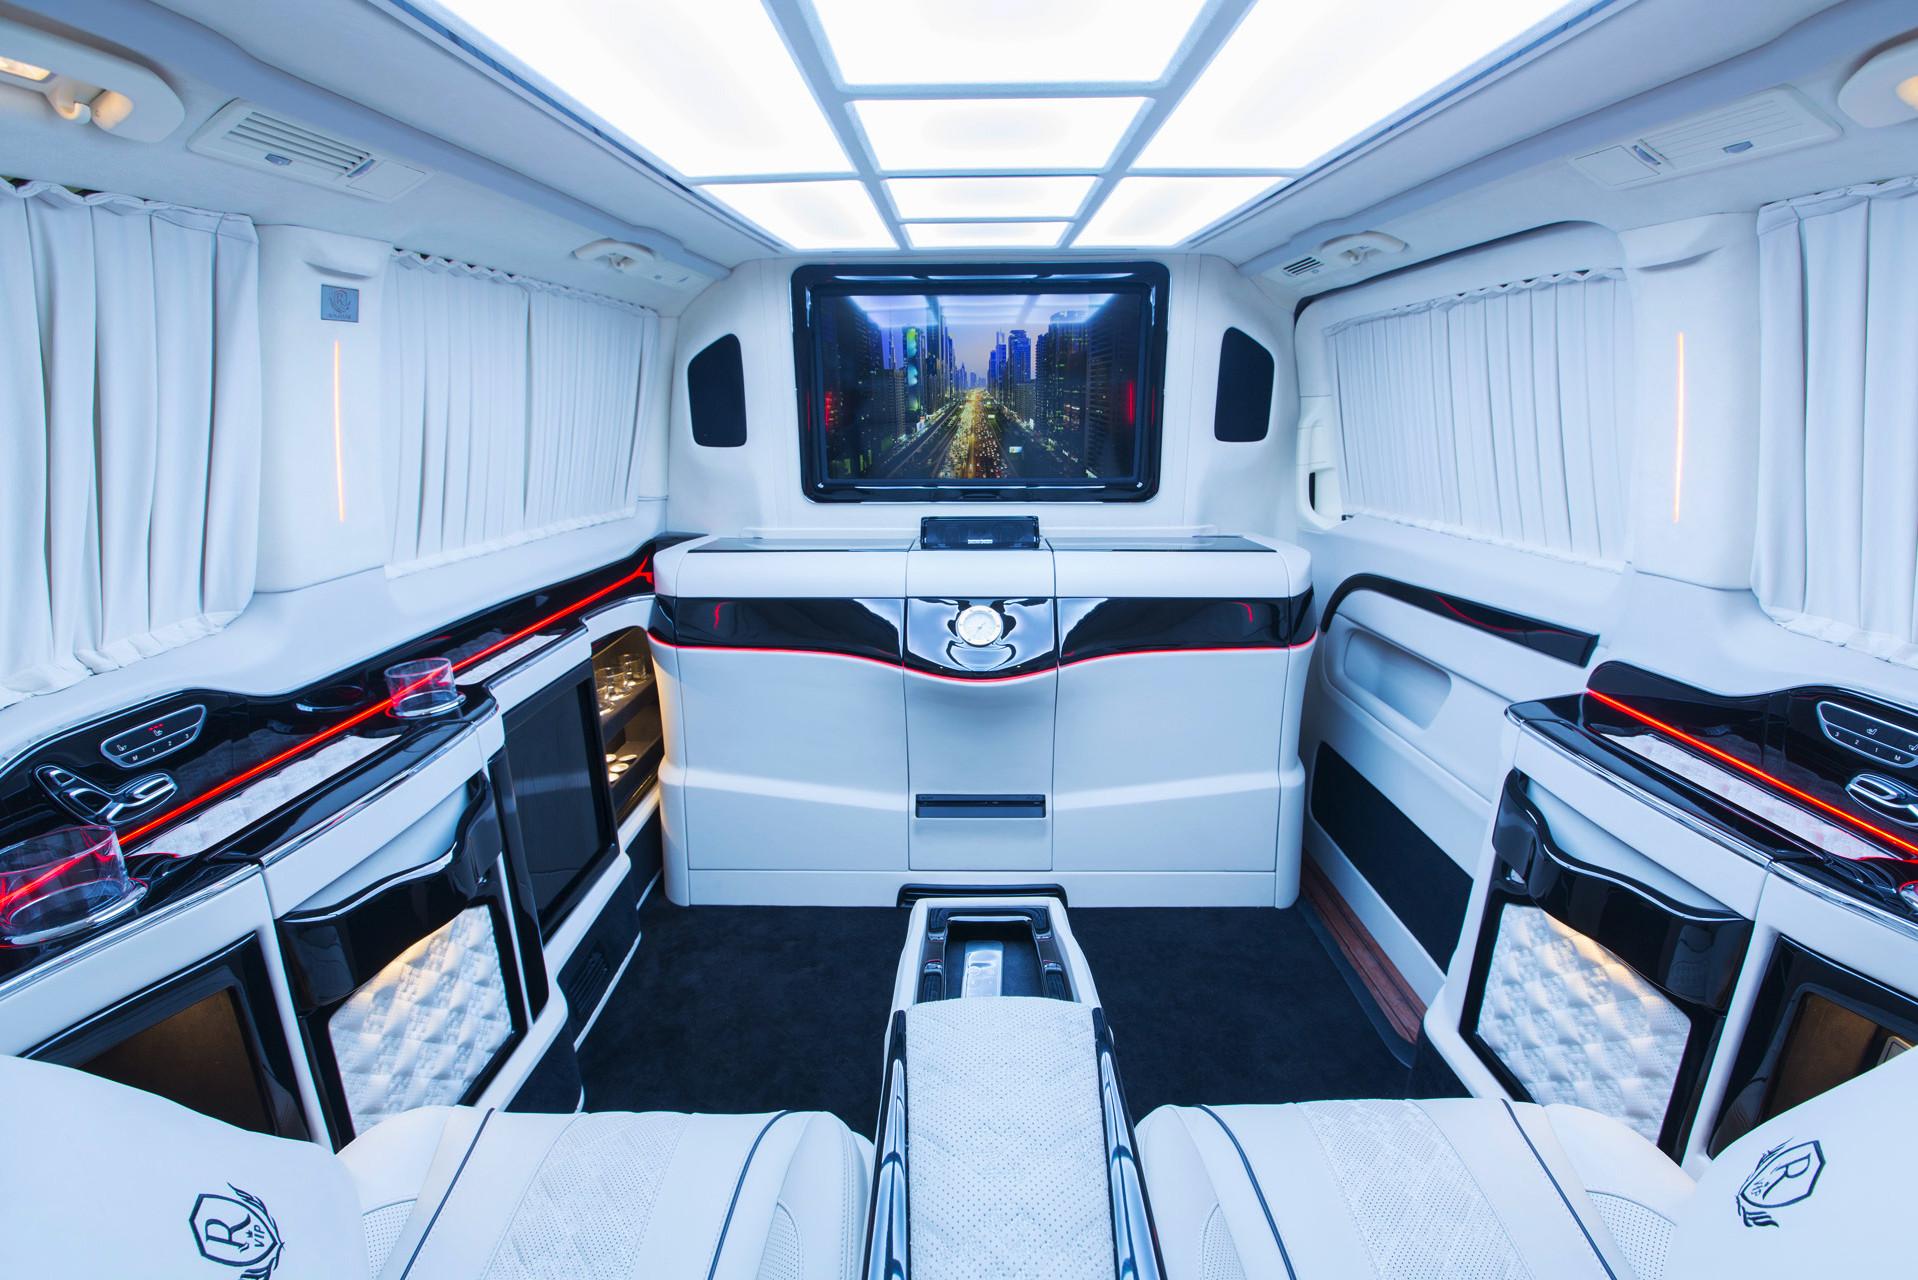 Mercedes Benz Van >> Mercedes-Benz Royal MB VIP Van – Rovelver Vip Auto Design